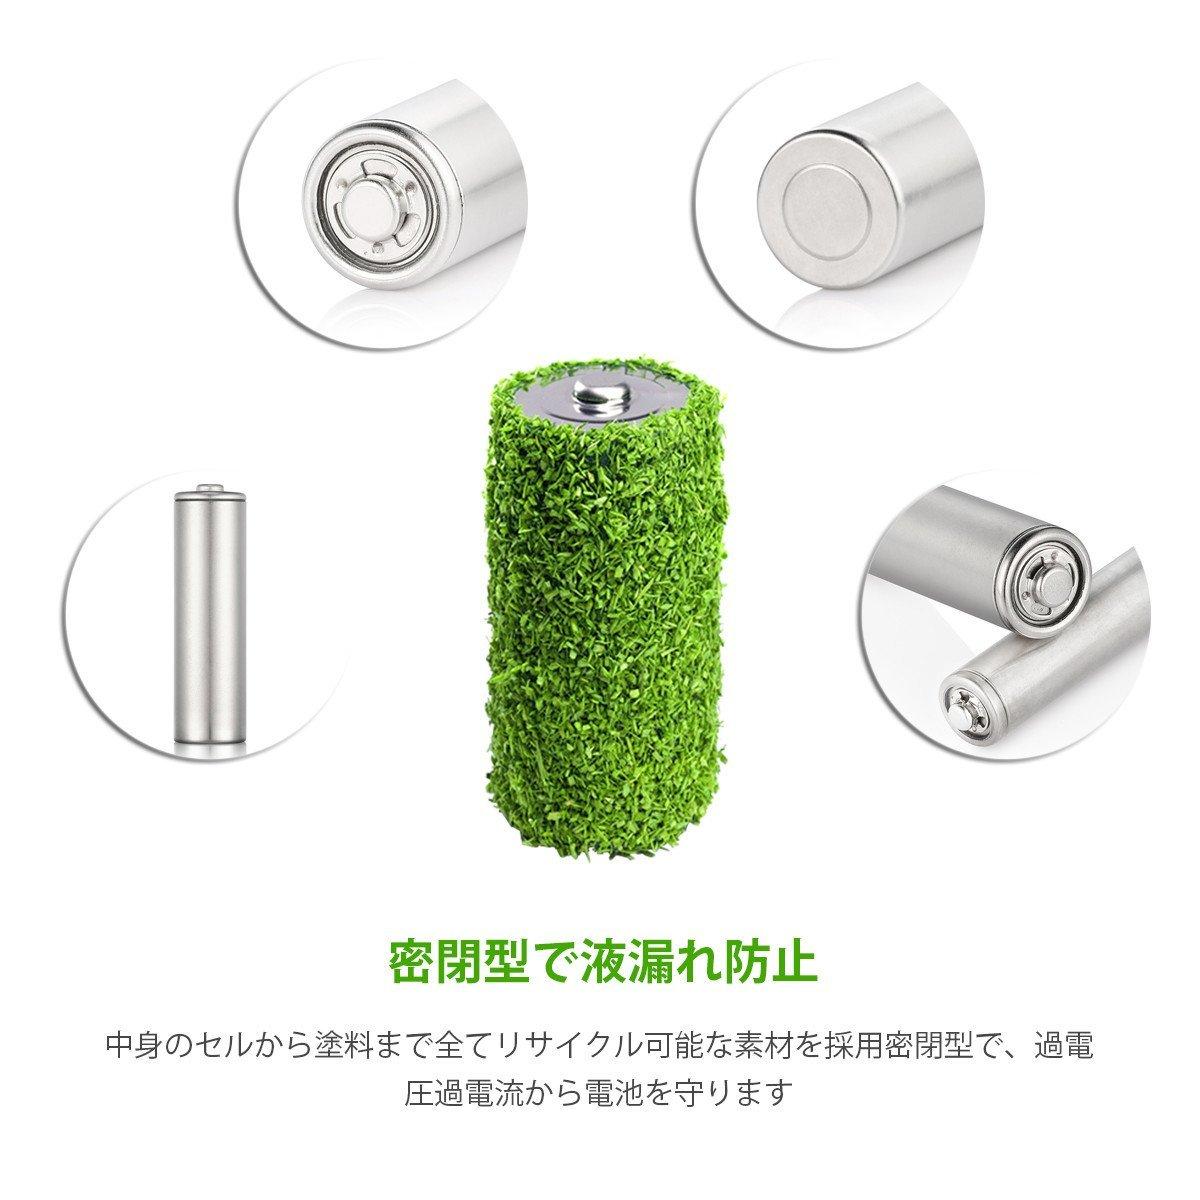 EBL 単4形充電池 充電式ニッケル水素電池 高容量1100mAh 8本入り 約1200回使用可能 ケース2個付き 単四充電池 _画像4